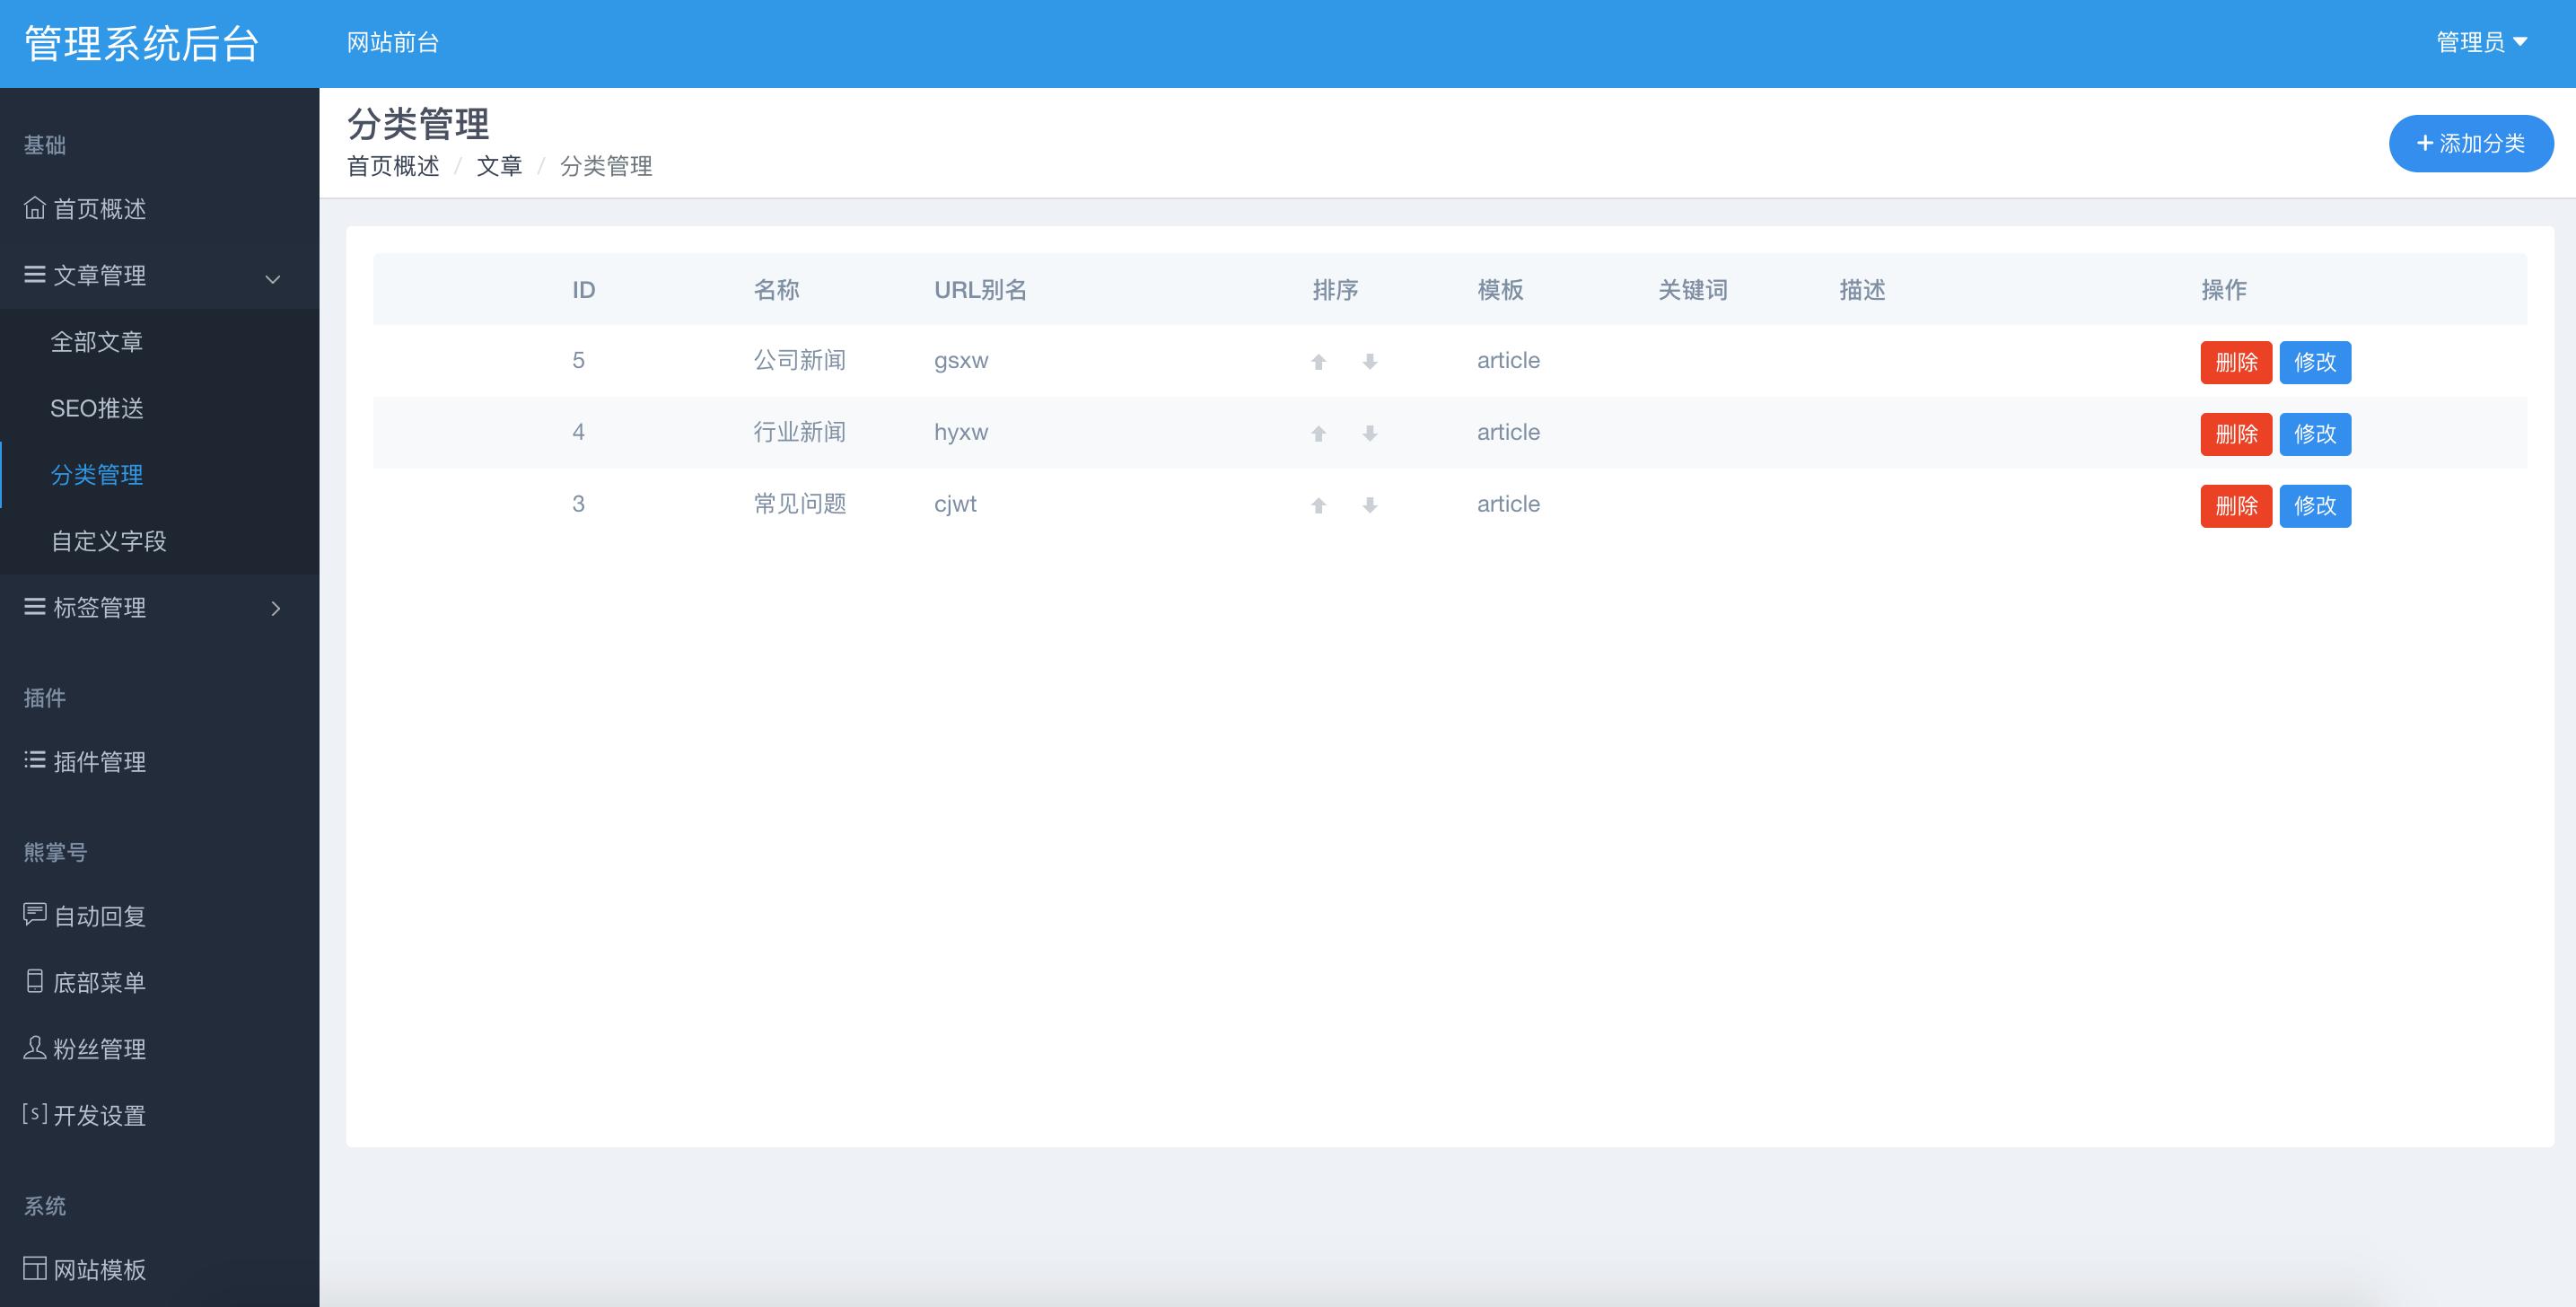 MIPCMS内容管理系统